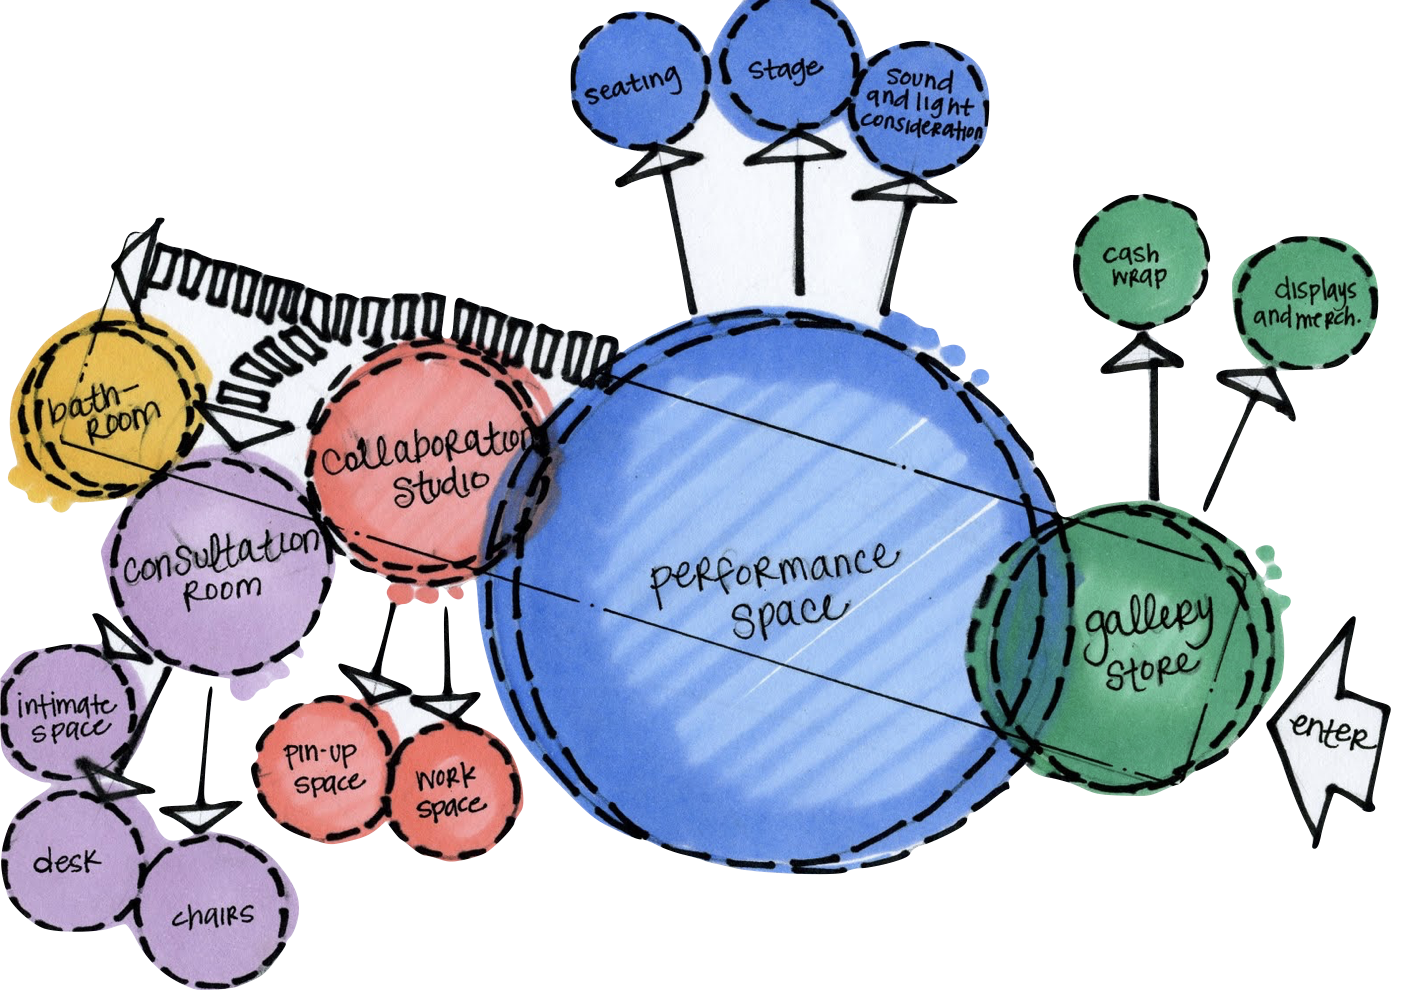 An architectural bubble diagram. Source: lilyglover.blogspot.com/2009/10/hatchery-bubble-diagram.html